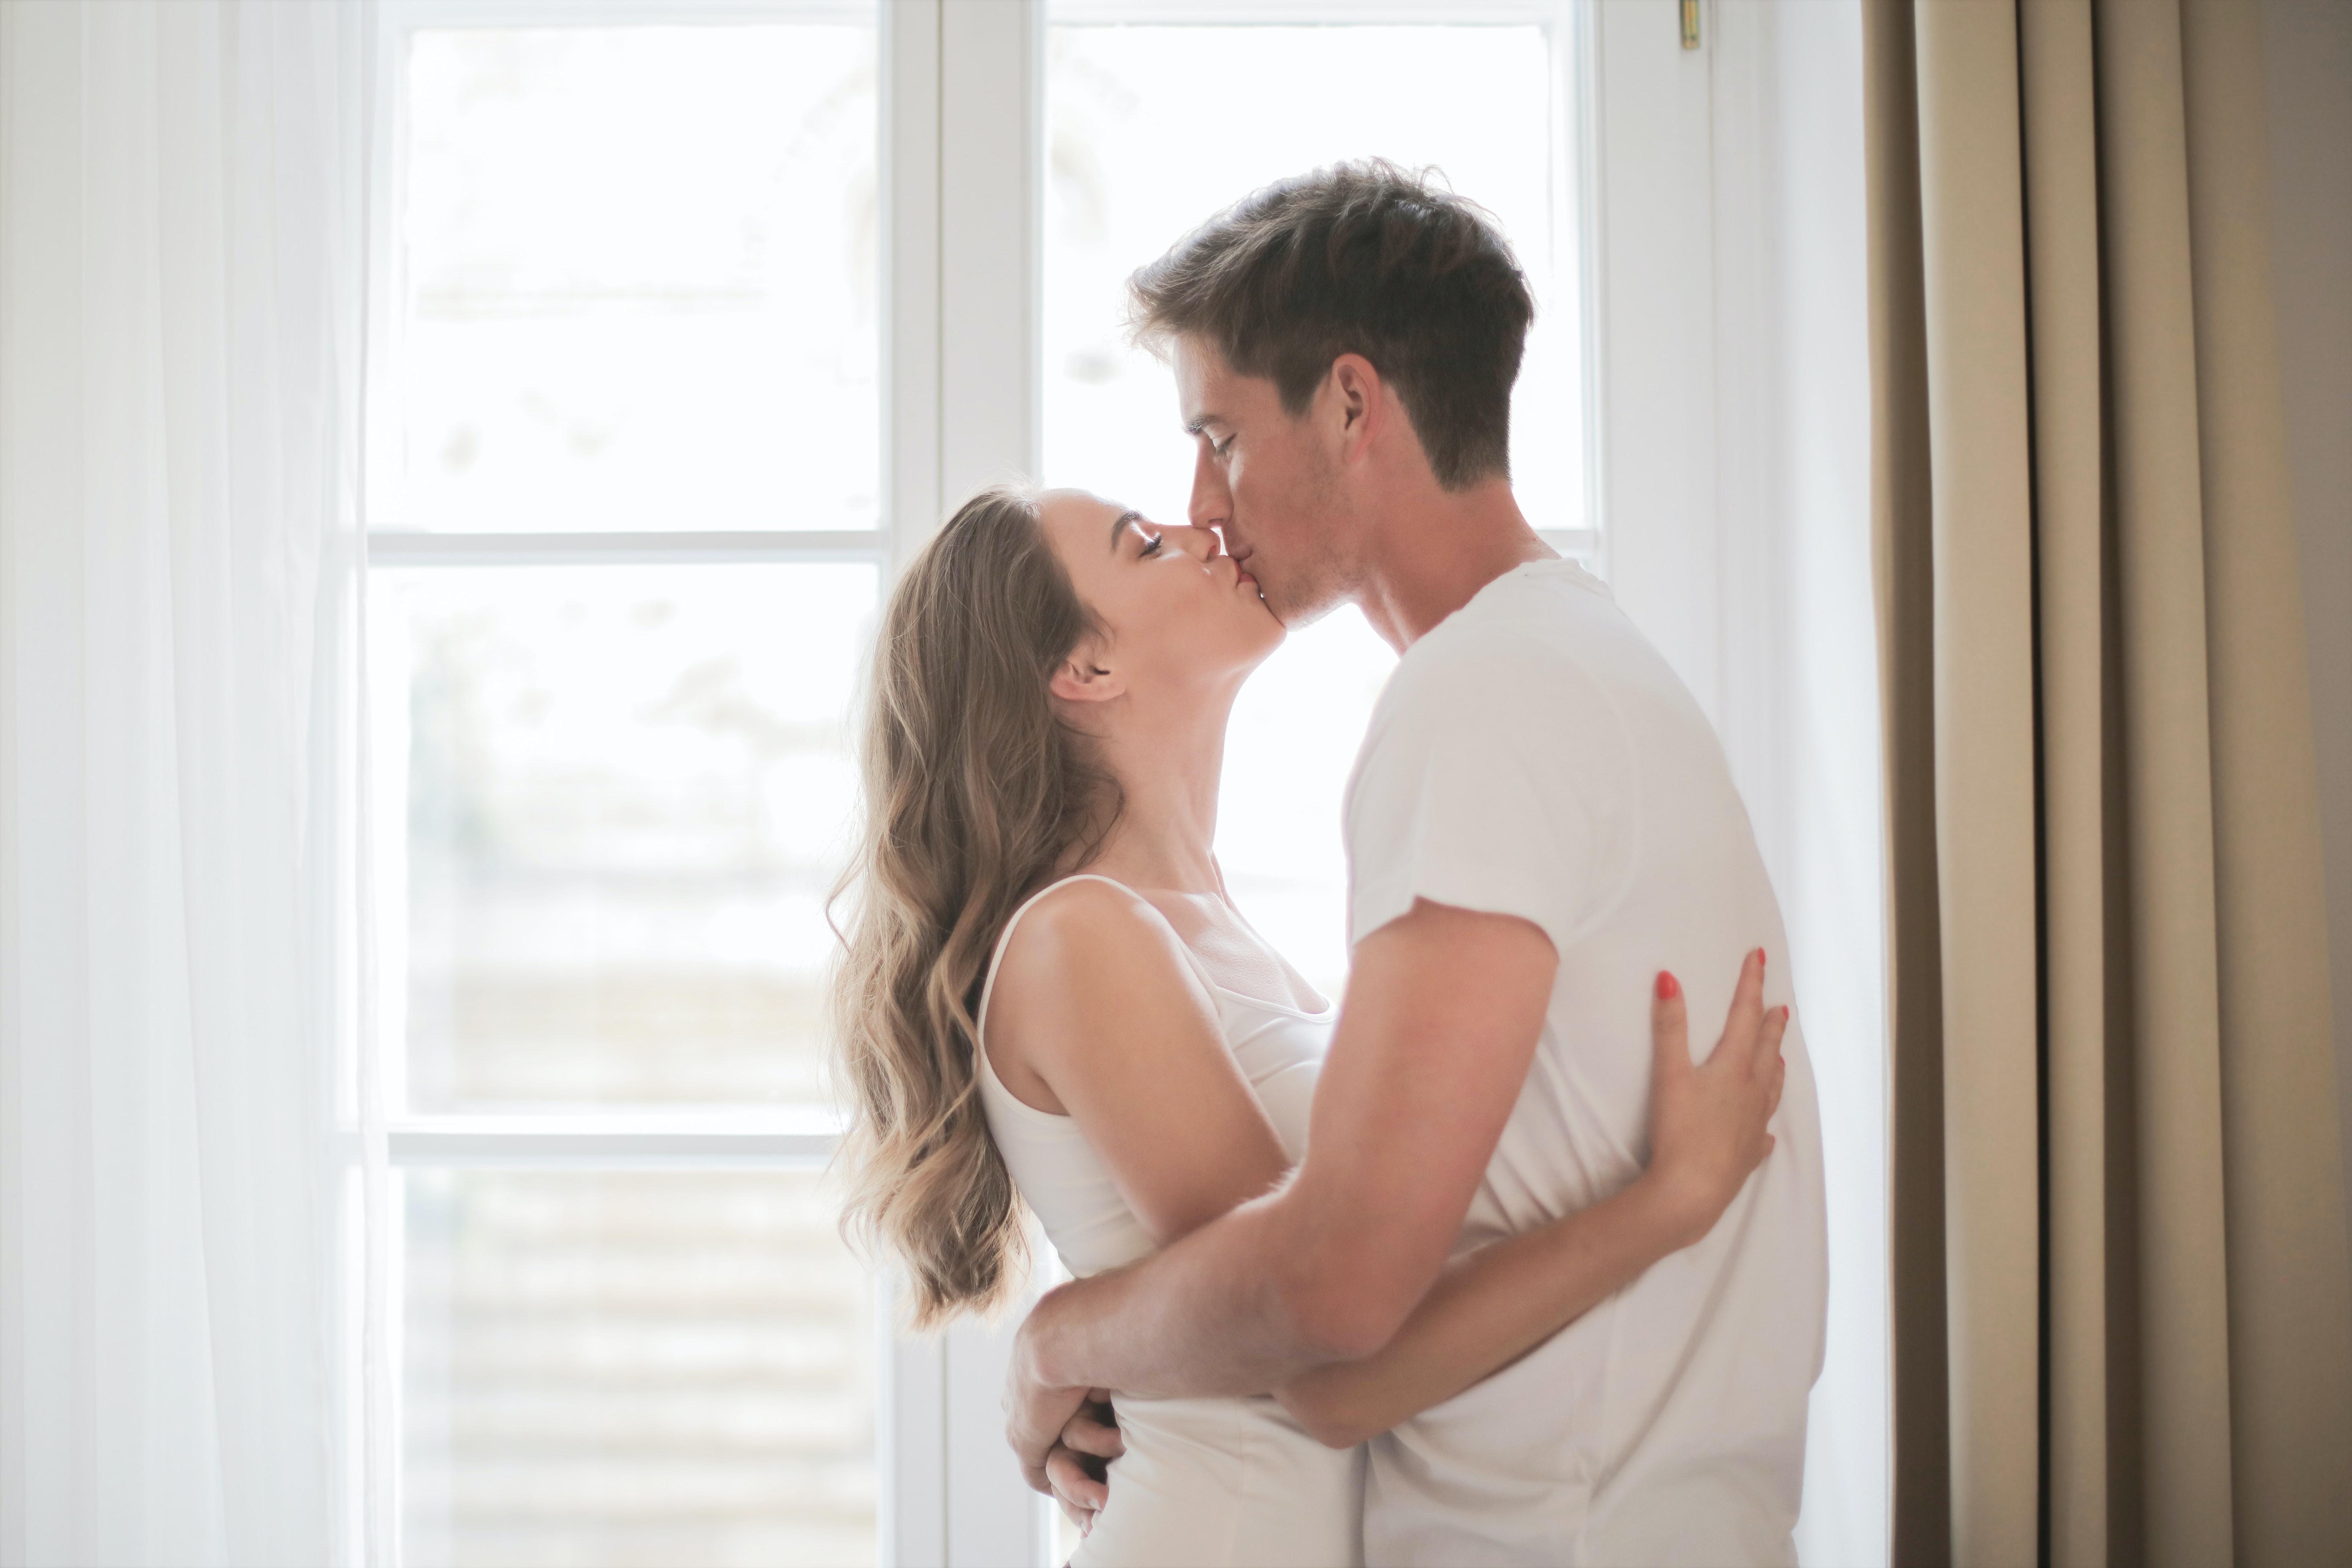 se puede tener relaciones sexuales después de una punción ovárica